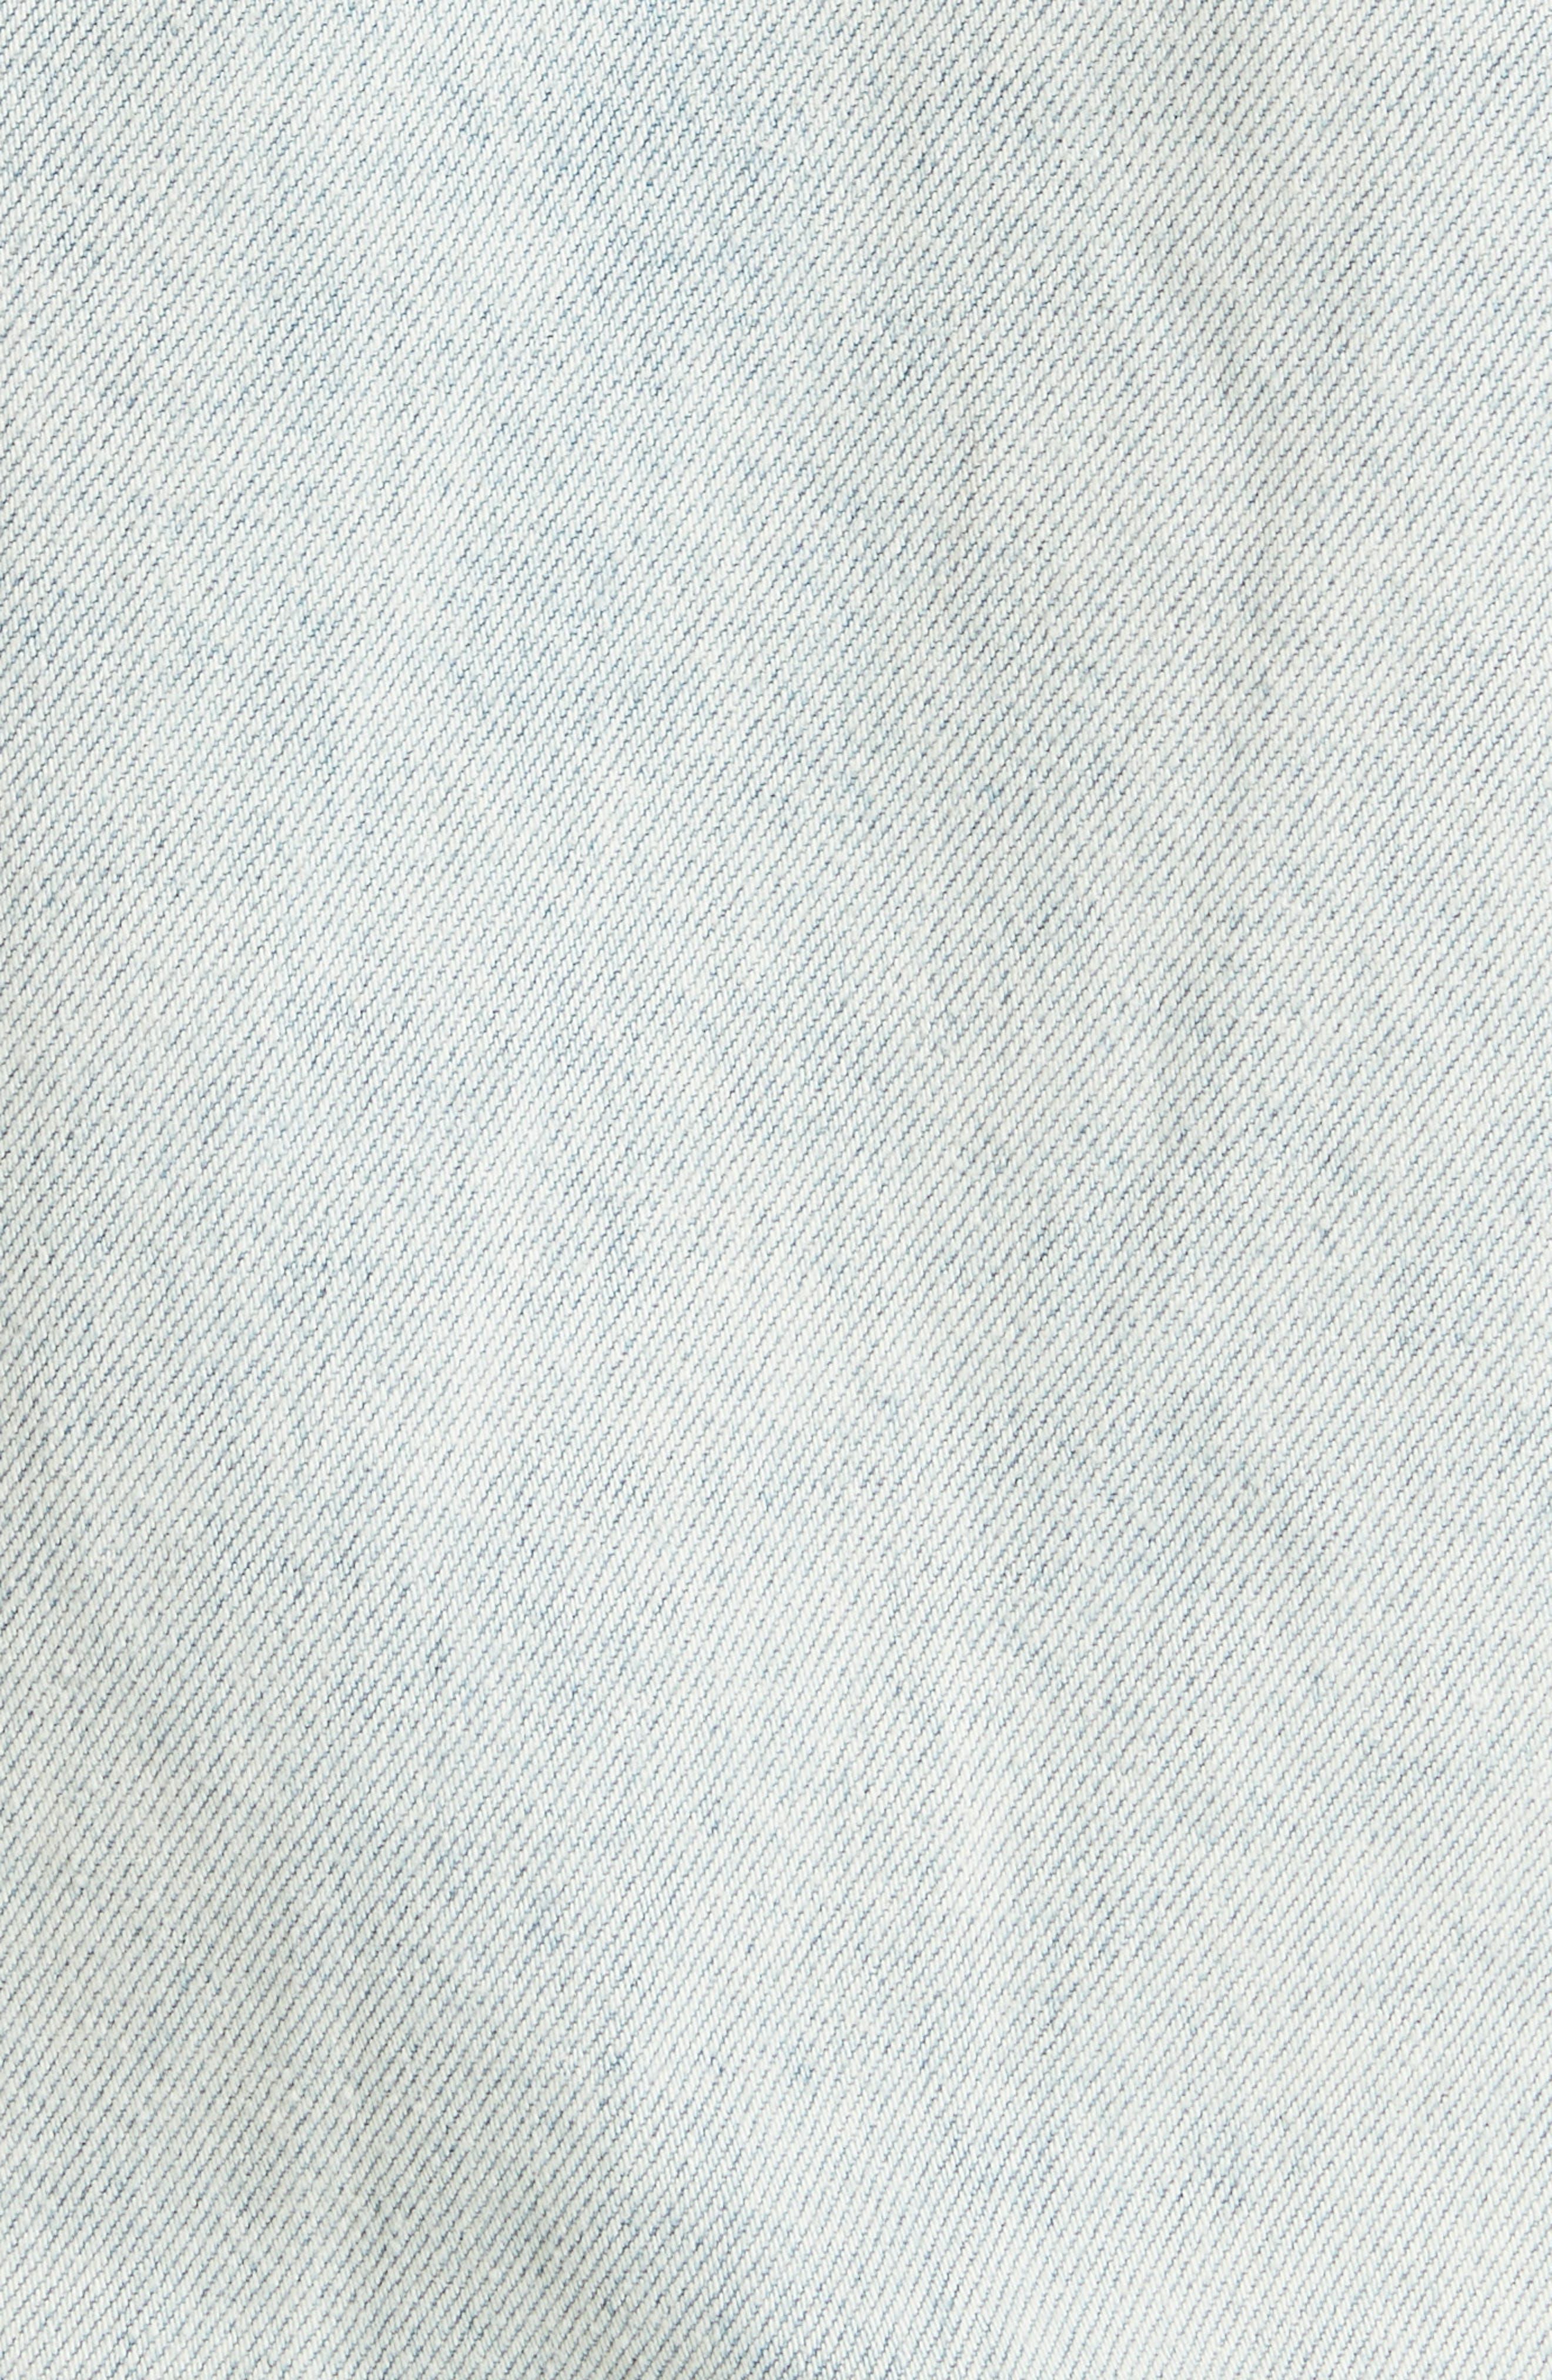 Chaser Ripped Denim Jacket,                             Alternate thumbnail 6, color,                             DENIM